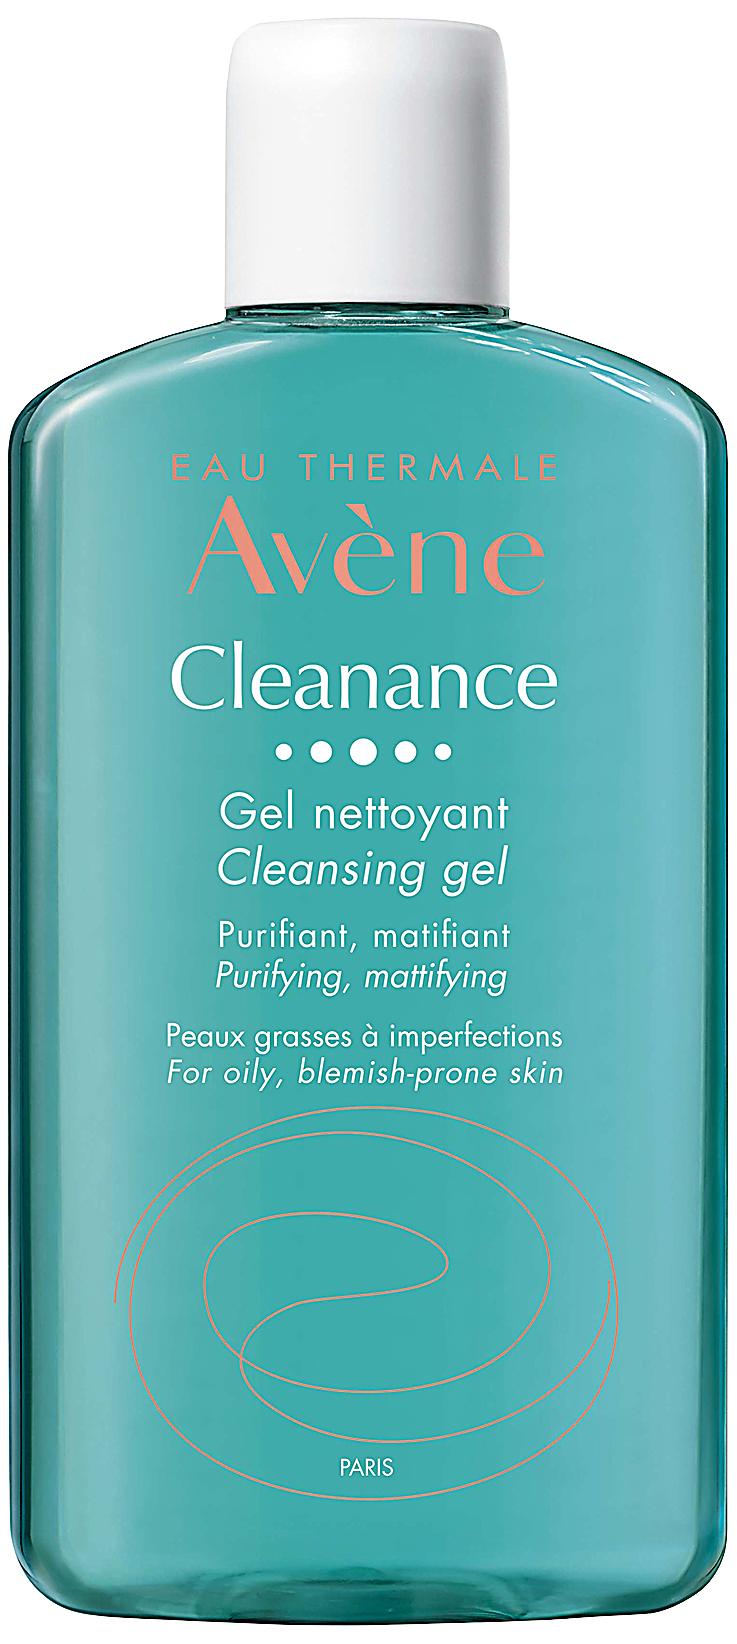 Cleanance гель очищающий, матирующий 200мл Avene (Авен)